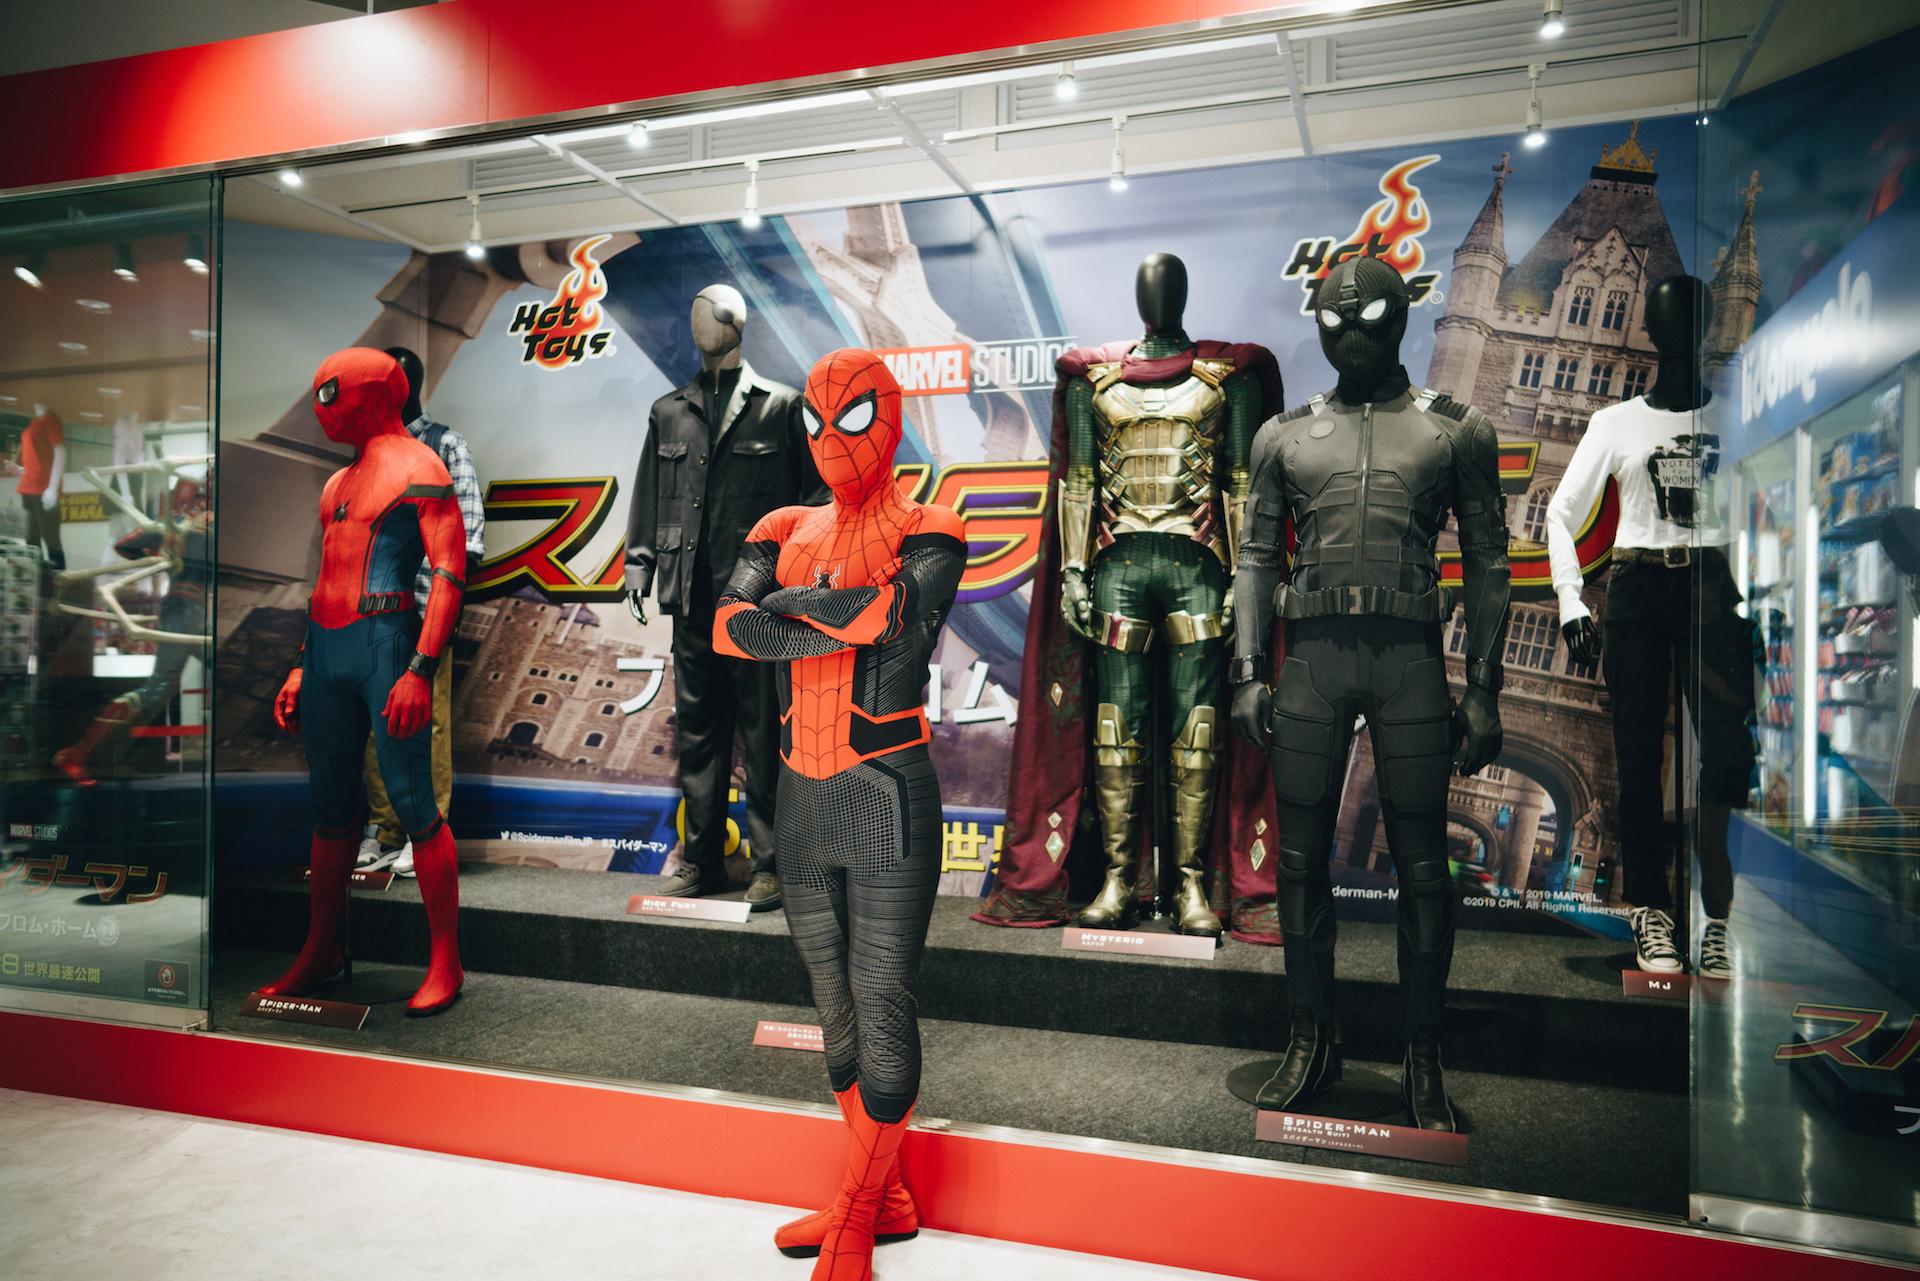 スパイダーマン好きなら目ギラギラ大興奮必至の期間限定ショップ探訪 art-culture-spiderman-store-report-14